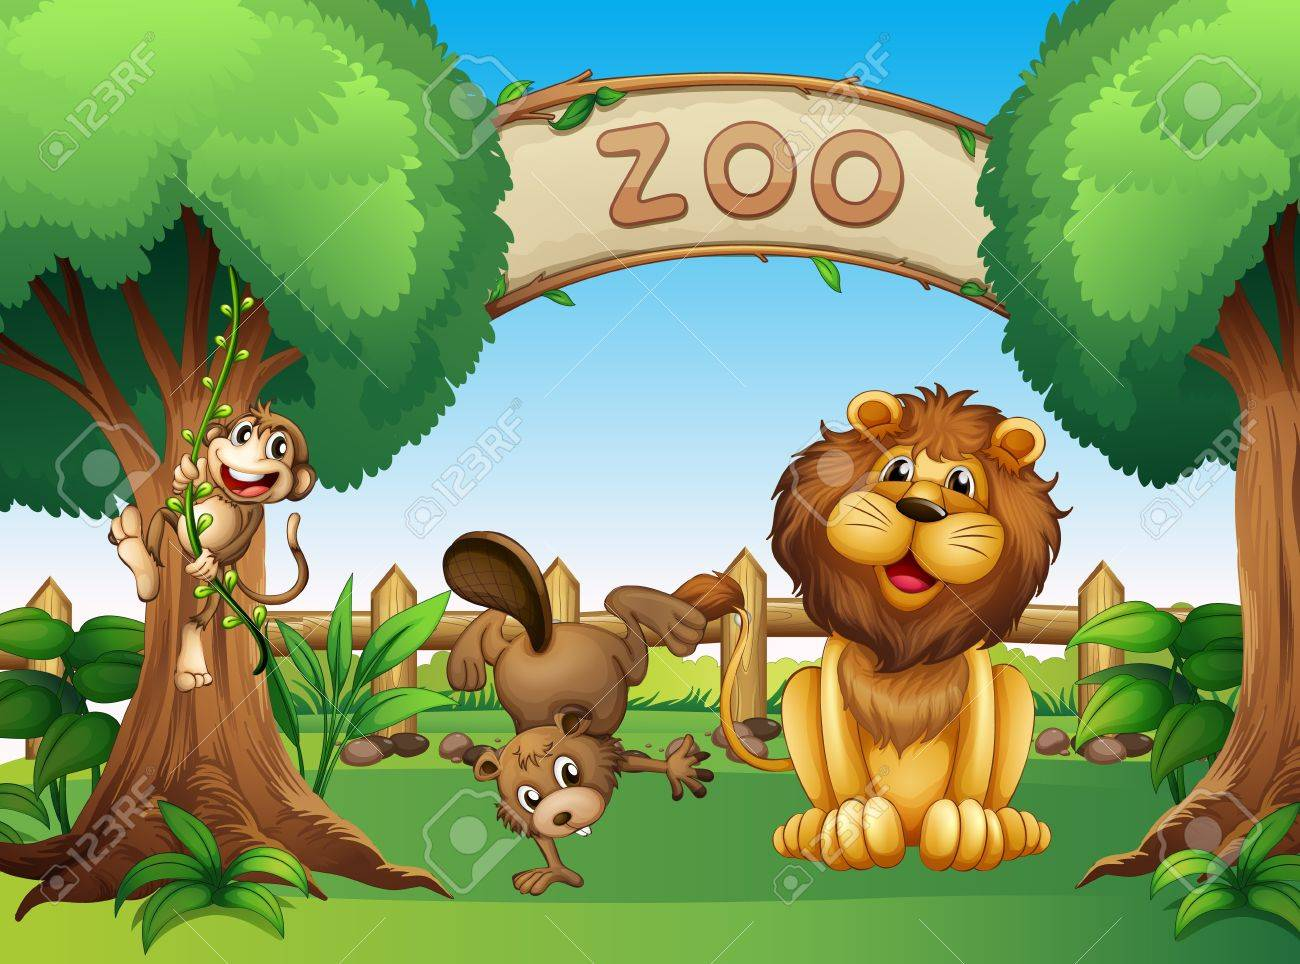 動物園の動物のイラスト ロイヤリティフリークリップアート、ベクター